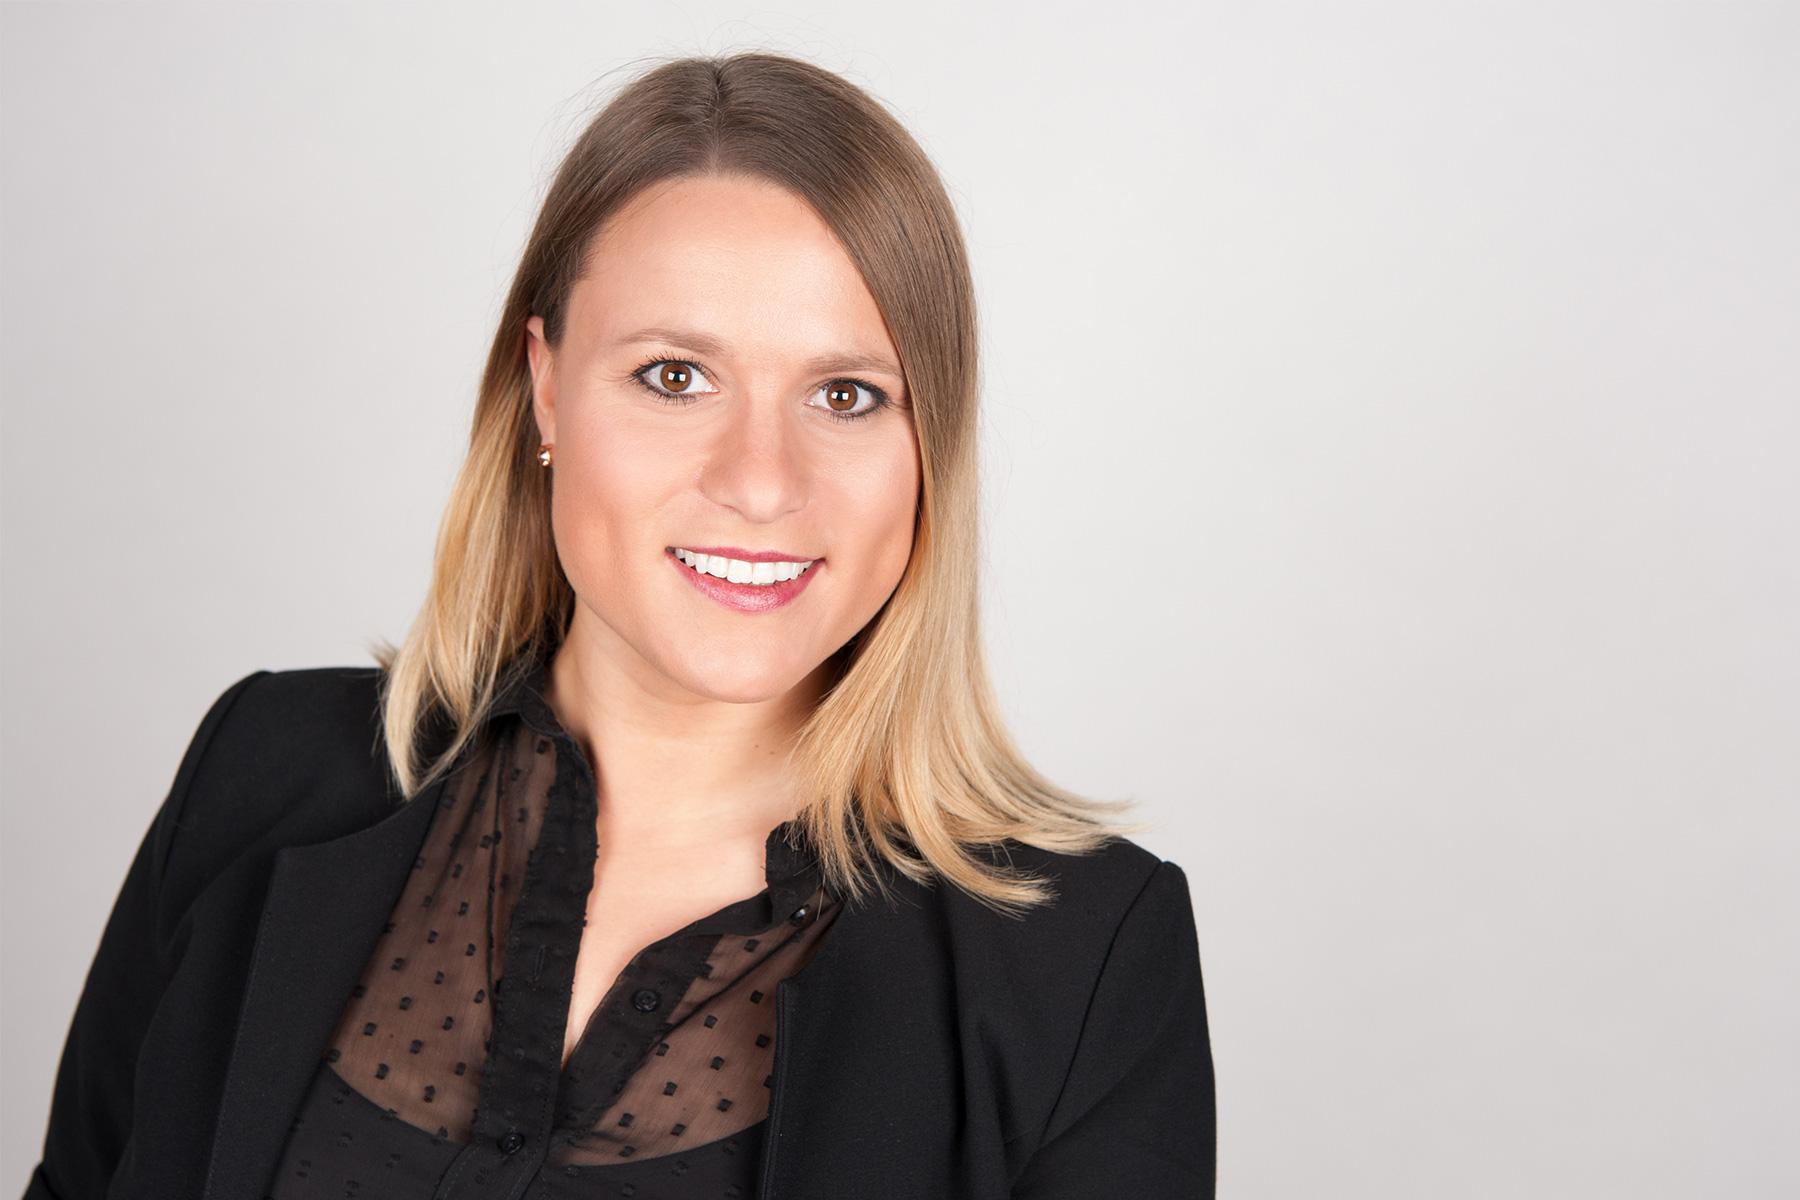 Sarah-Maria Strüber